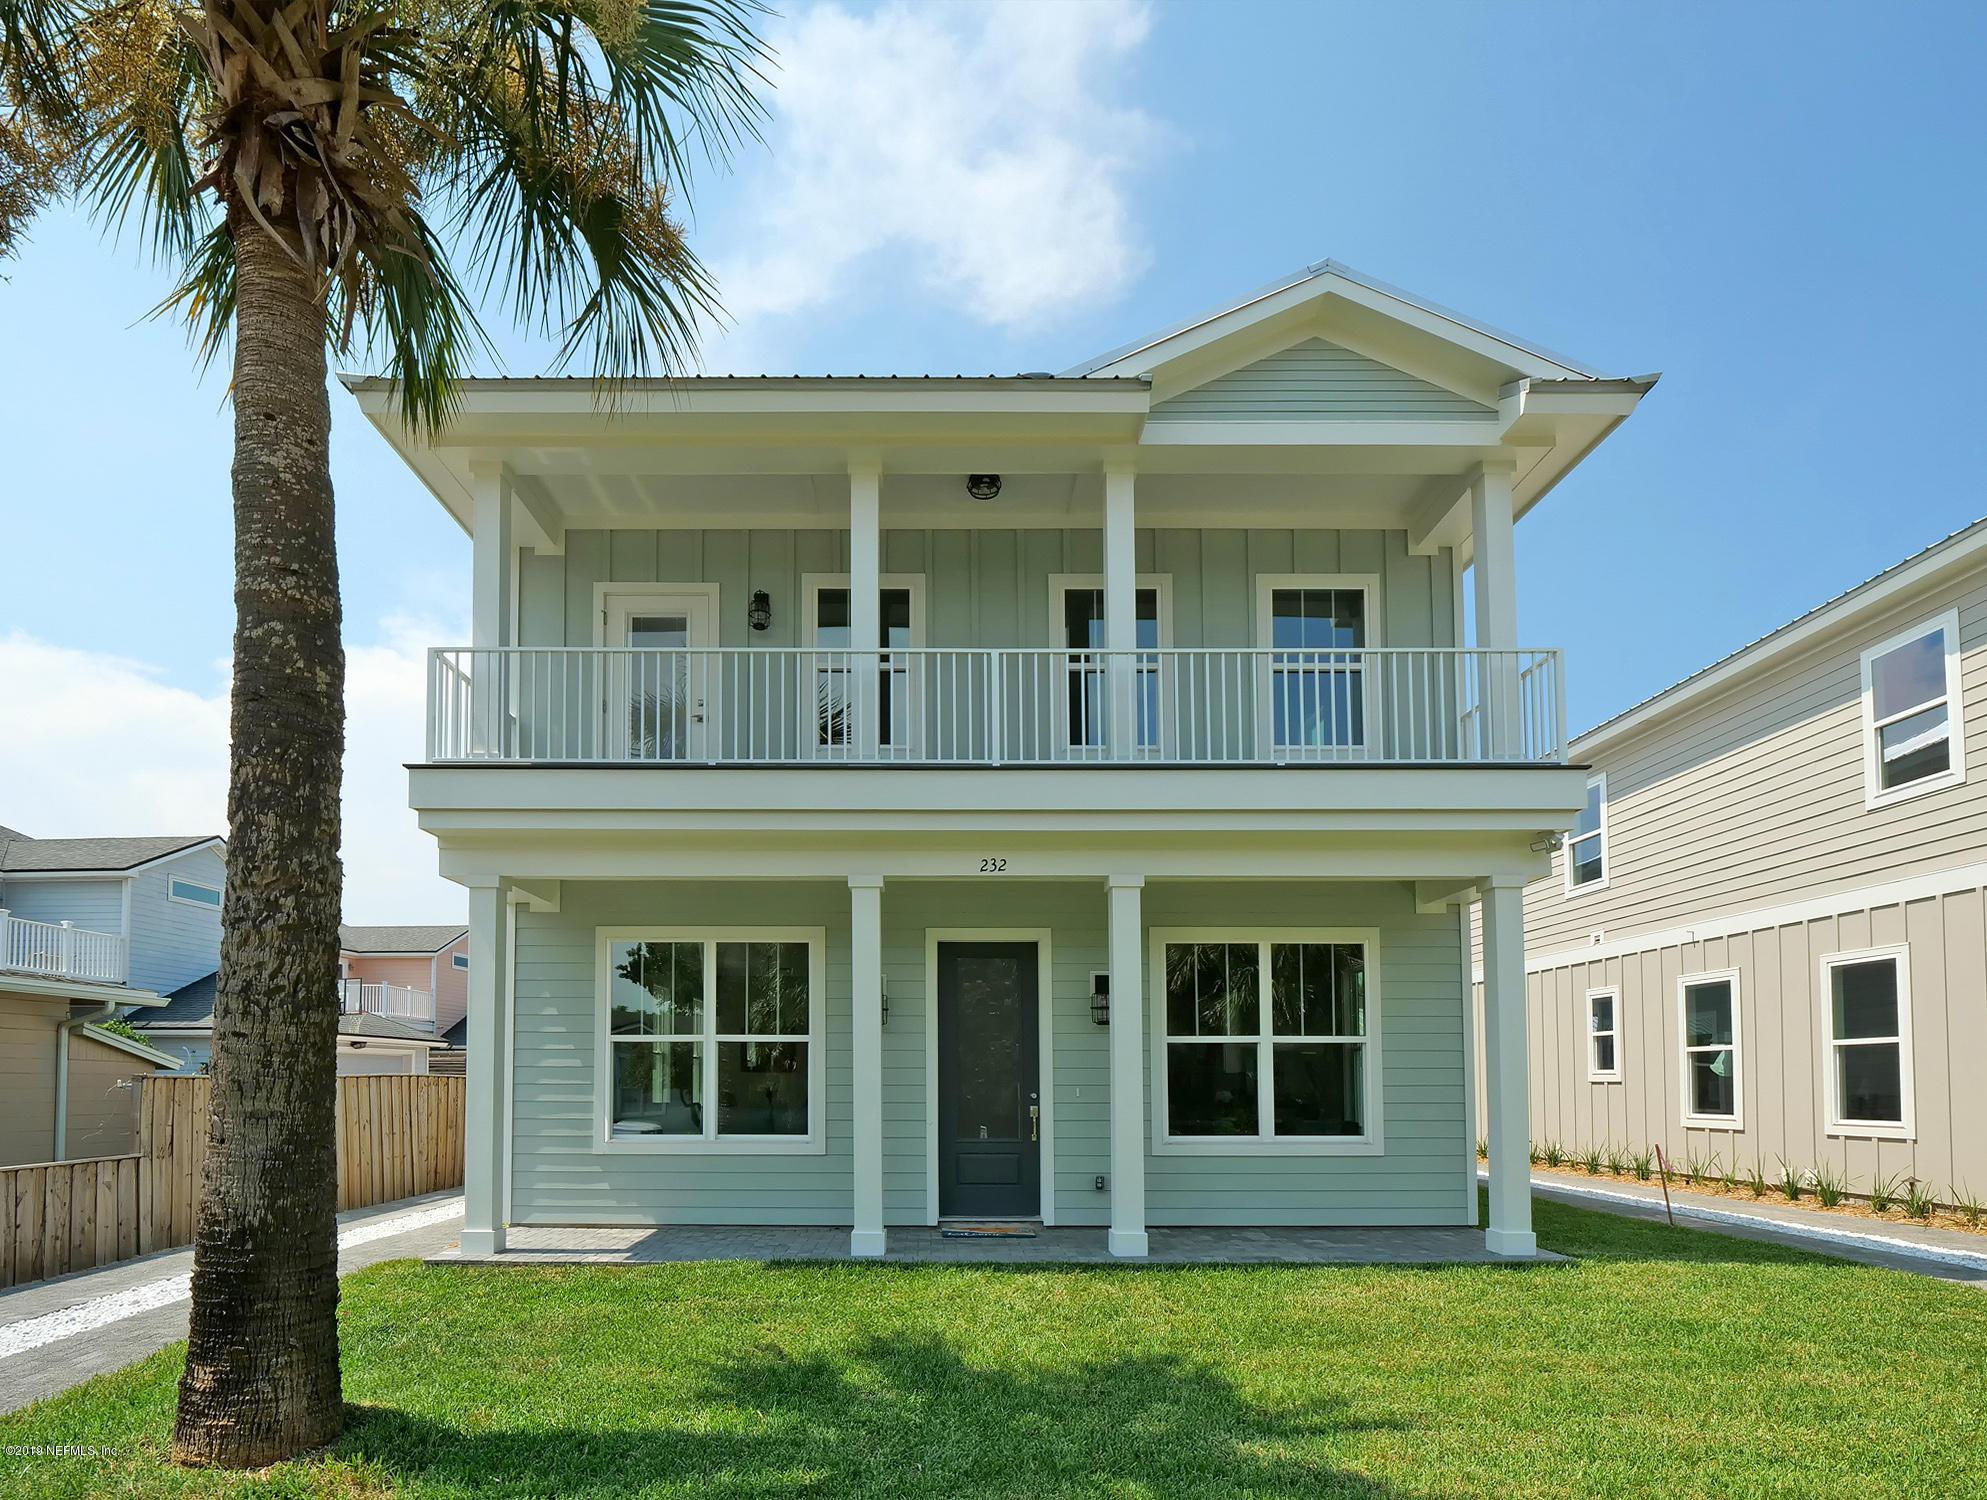 232 DAVIS, NEPTUNE BEACH, FLORIDA 32266, 5 Bedrooms Bedrooms, ,3 BathroomsBathrooms,Residential,For sale,DAVIS,1033368